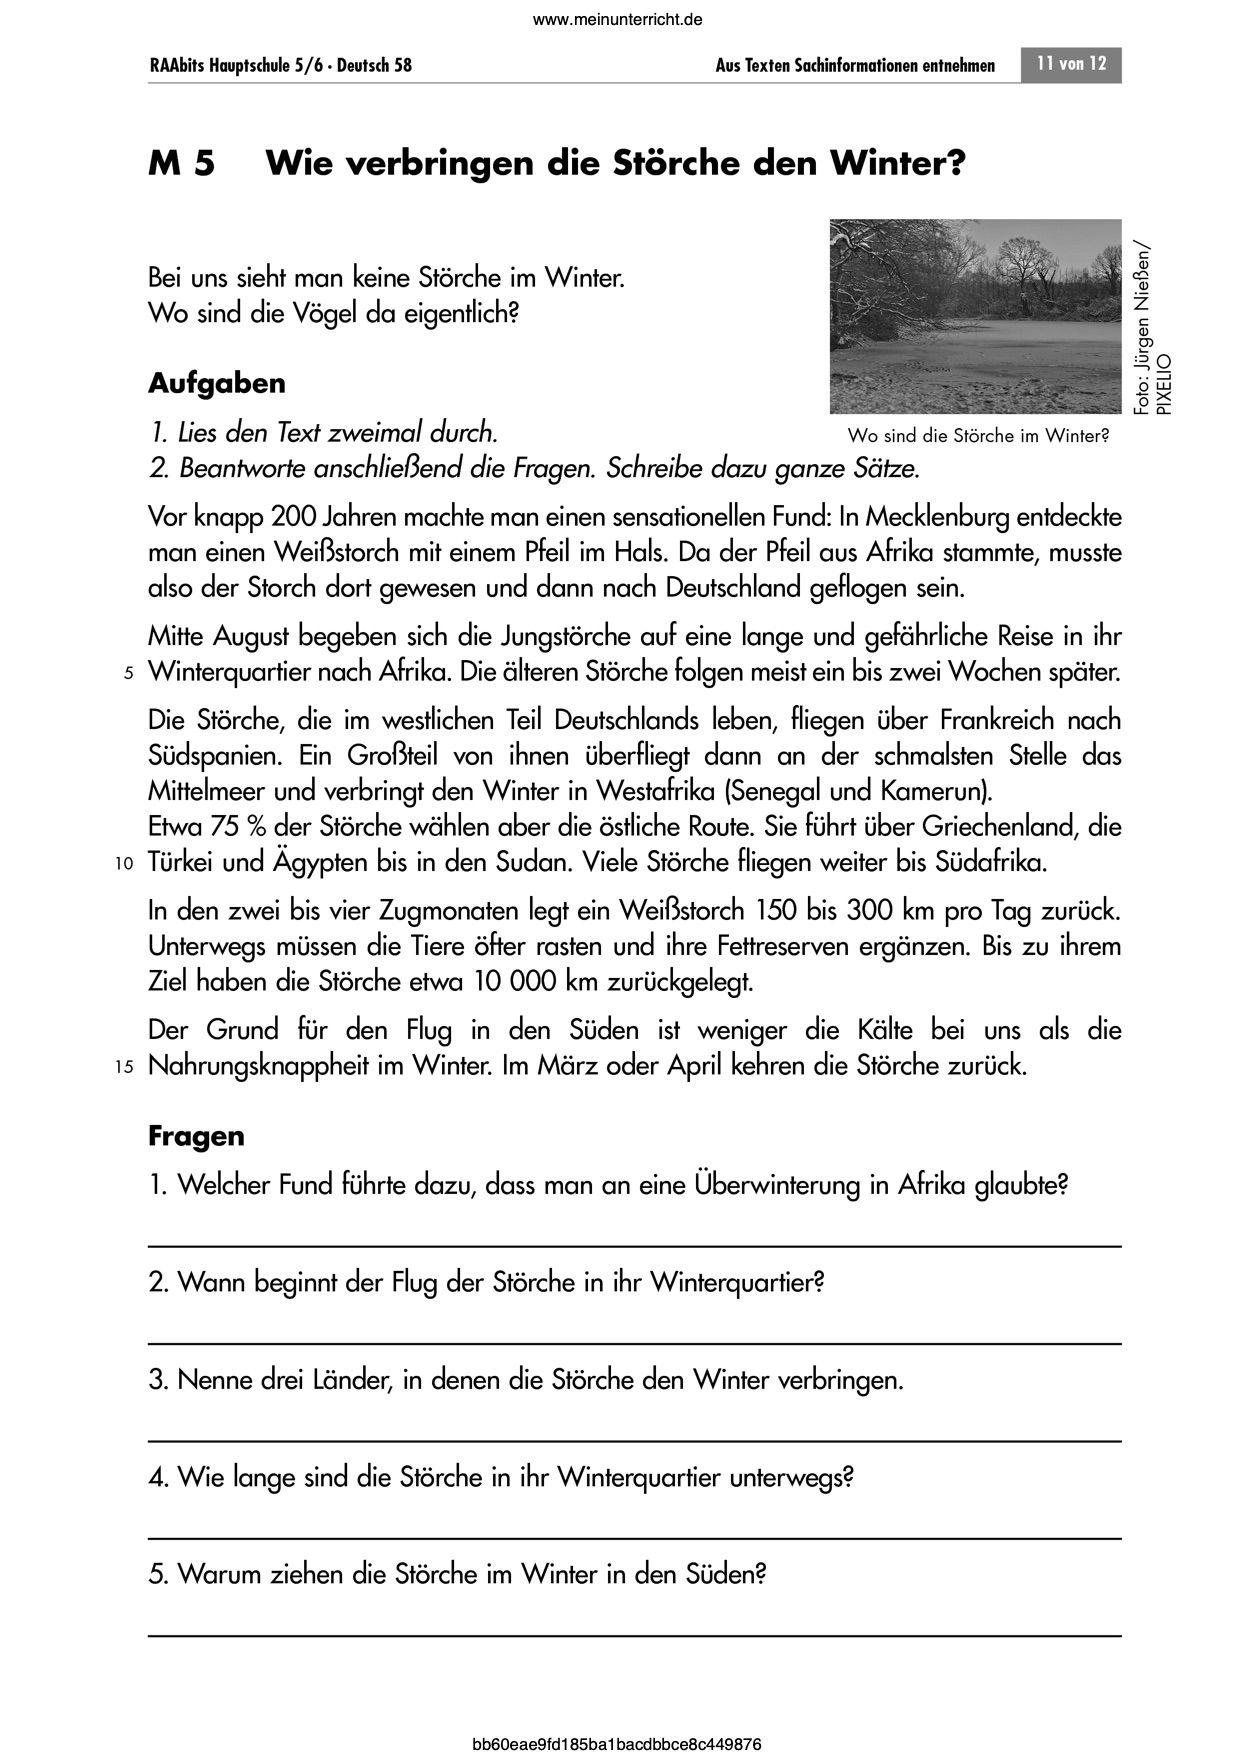 Sachtexte   Arbeitsblätter für Deutsch   meinUnterricht   Deutsch ...